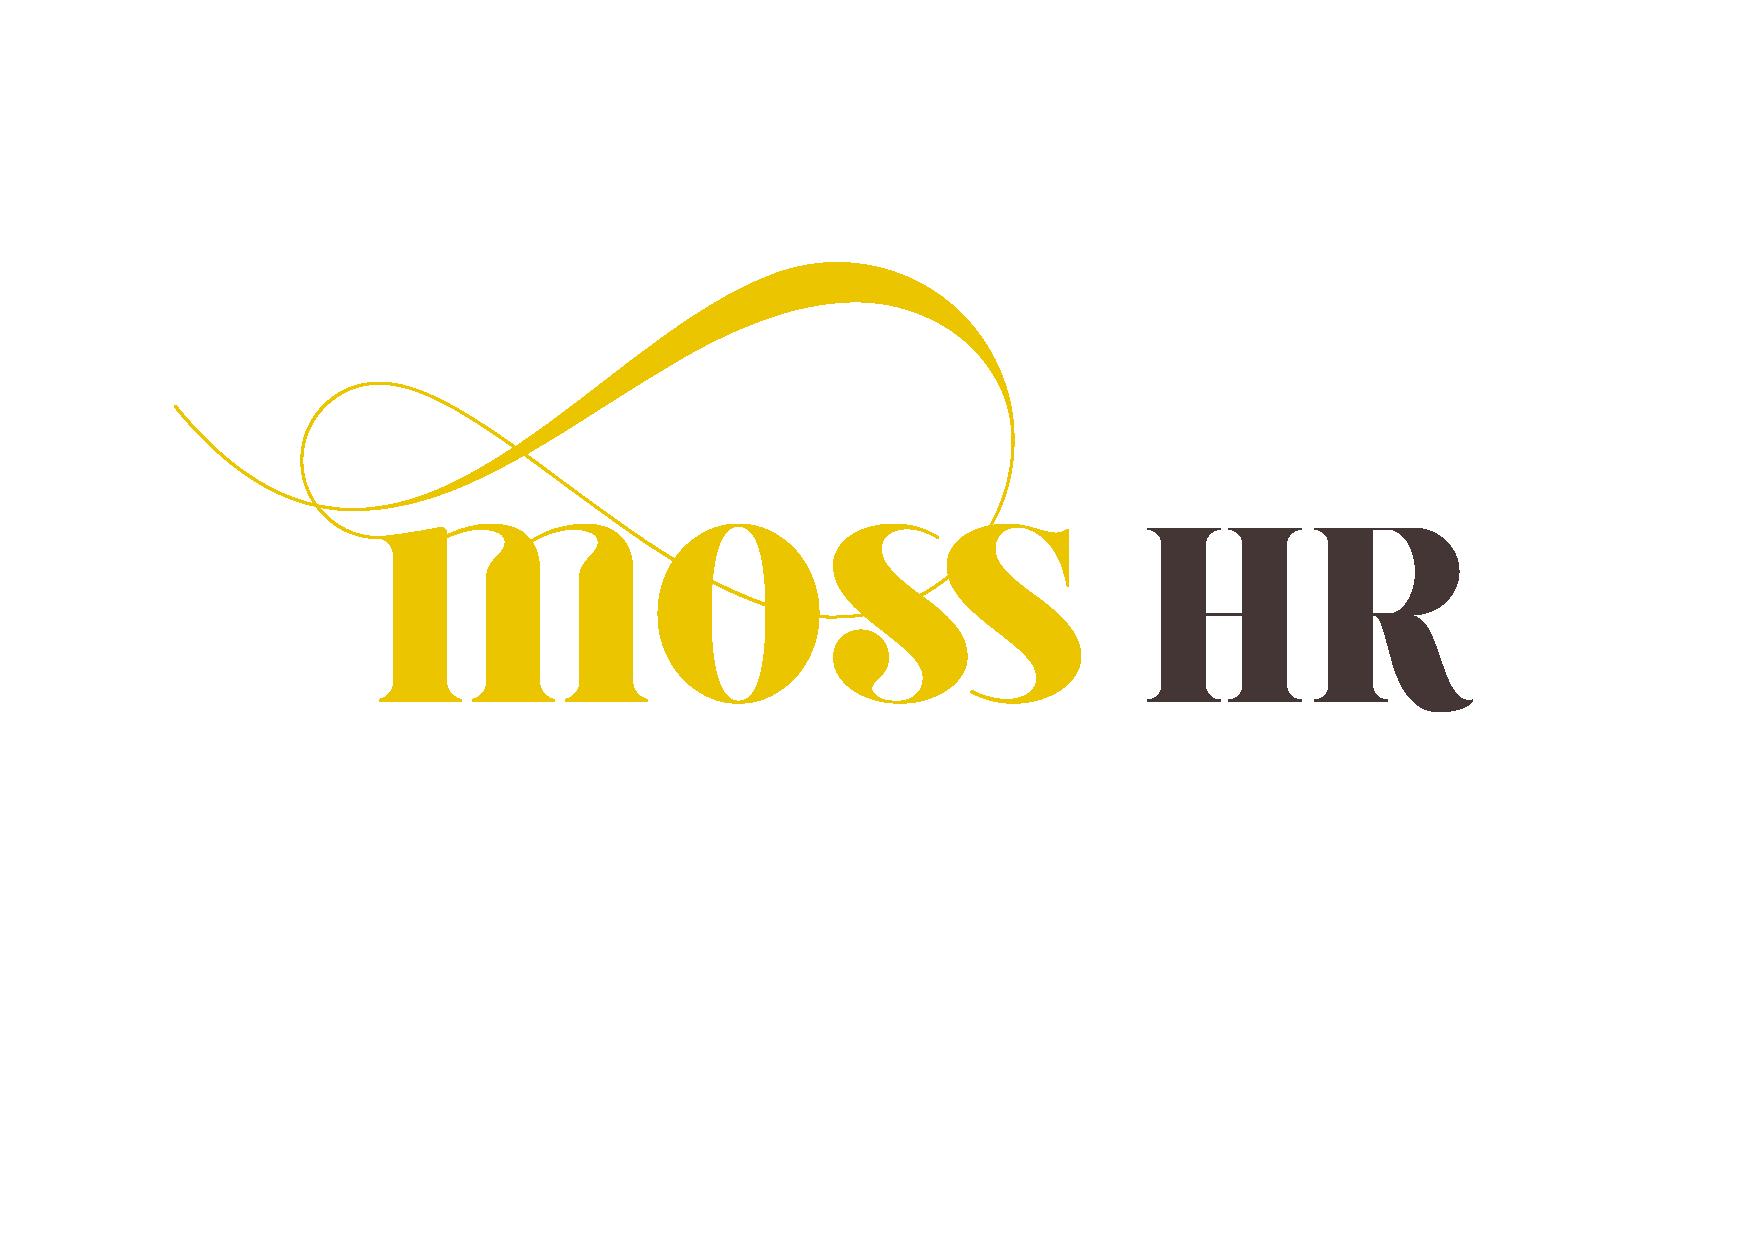 Moss hr logo